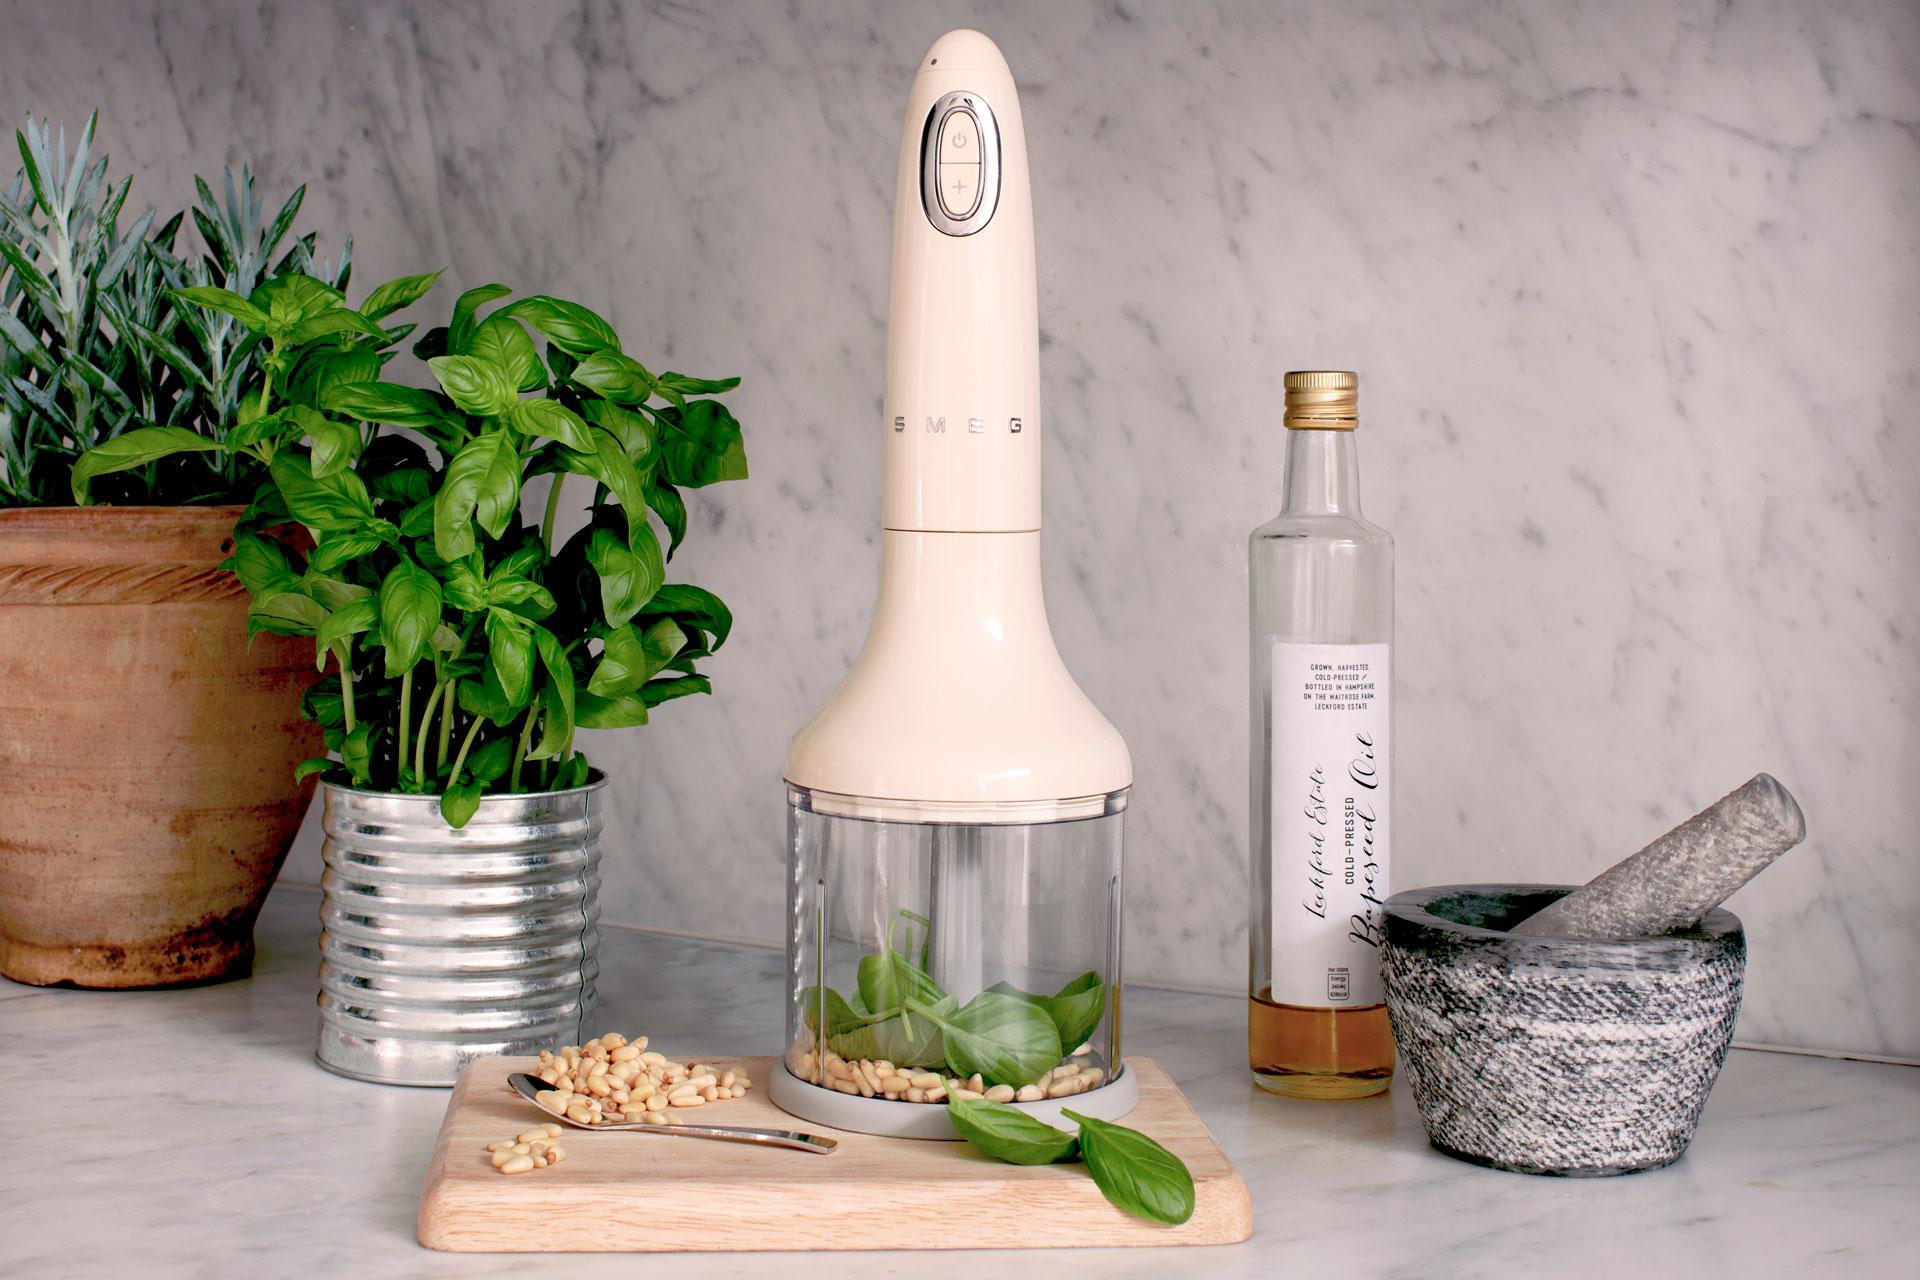 De nieuwe Smeg staafmixer 50's Style heeft een complete set accessoires en is gemaakt om je allerlei nieuwe creatieve recepten uit te laten proberen. Hebben voor de keuken! #smeg #smeglove #smeg50style #staafmixer